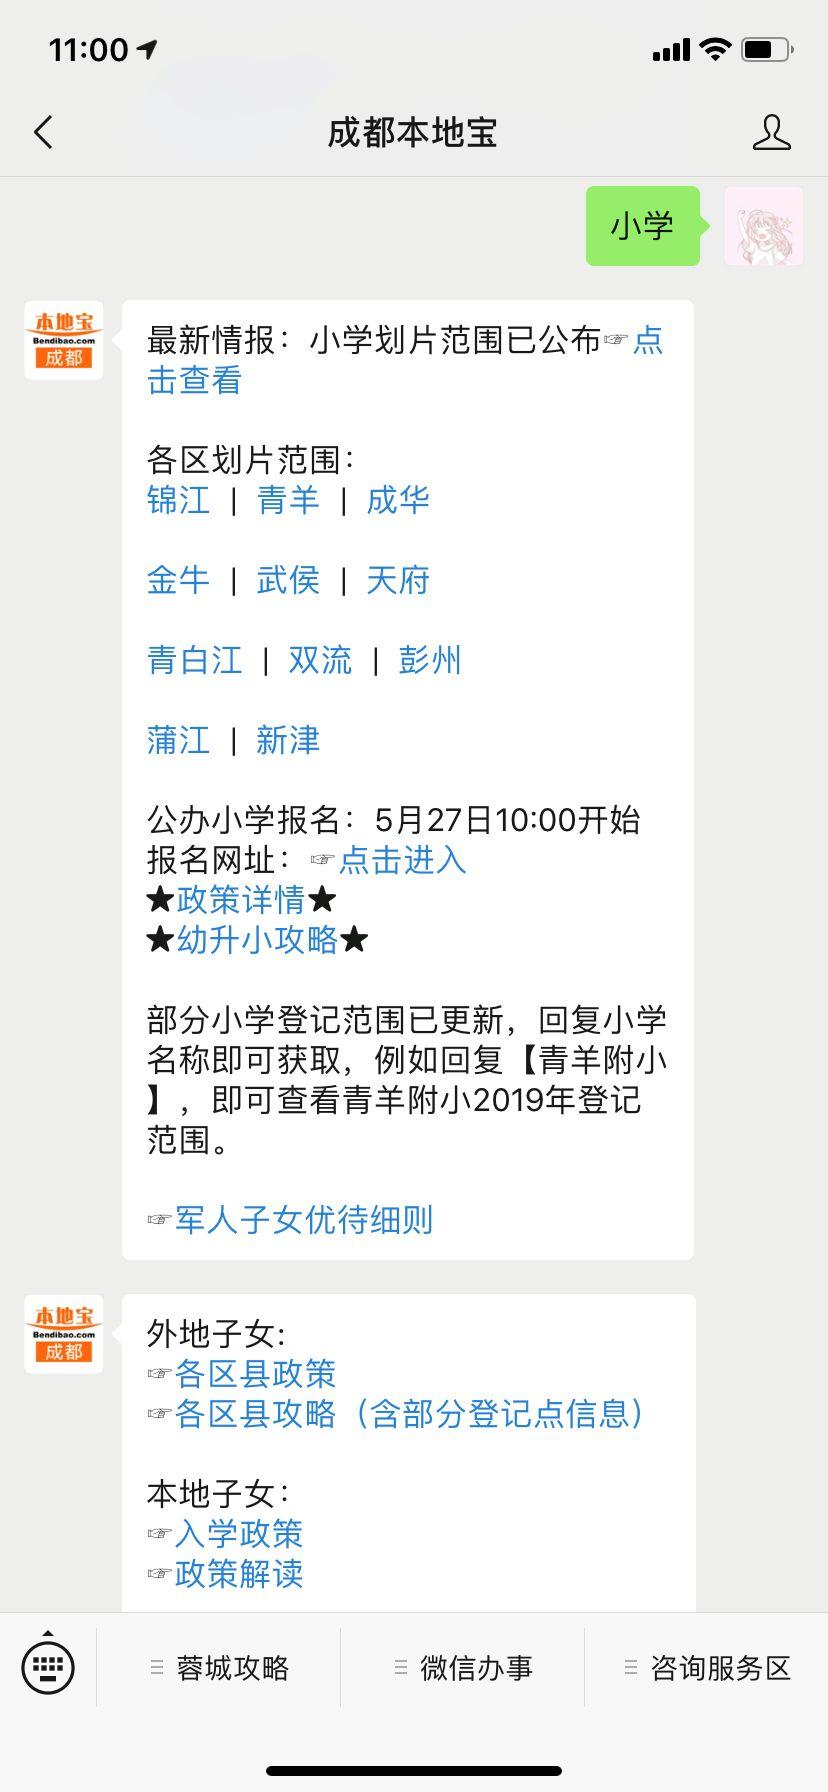 2019成都市新都区小学入学划片范围